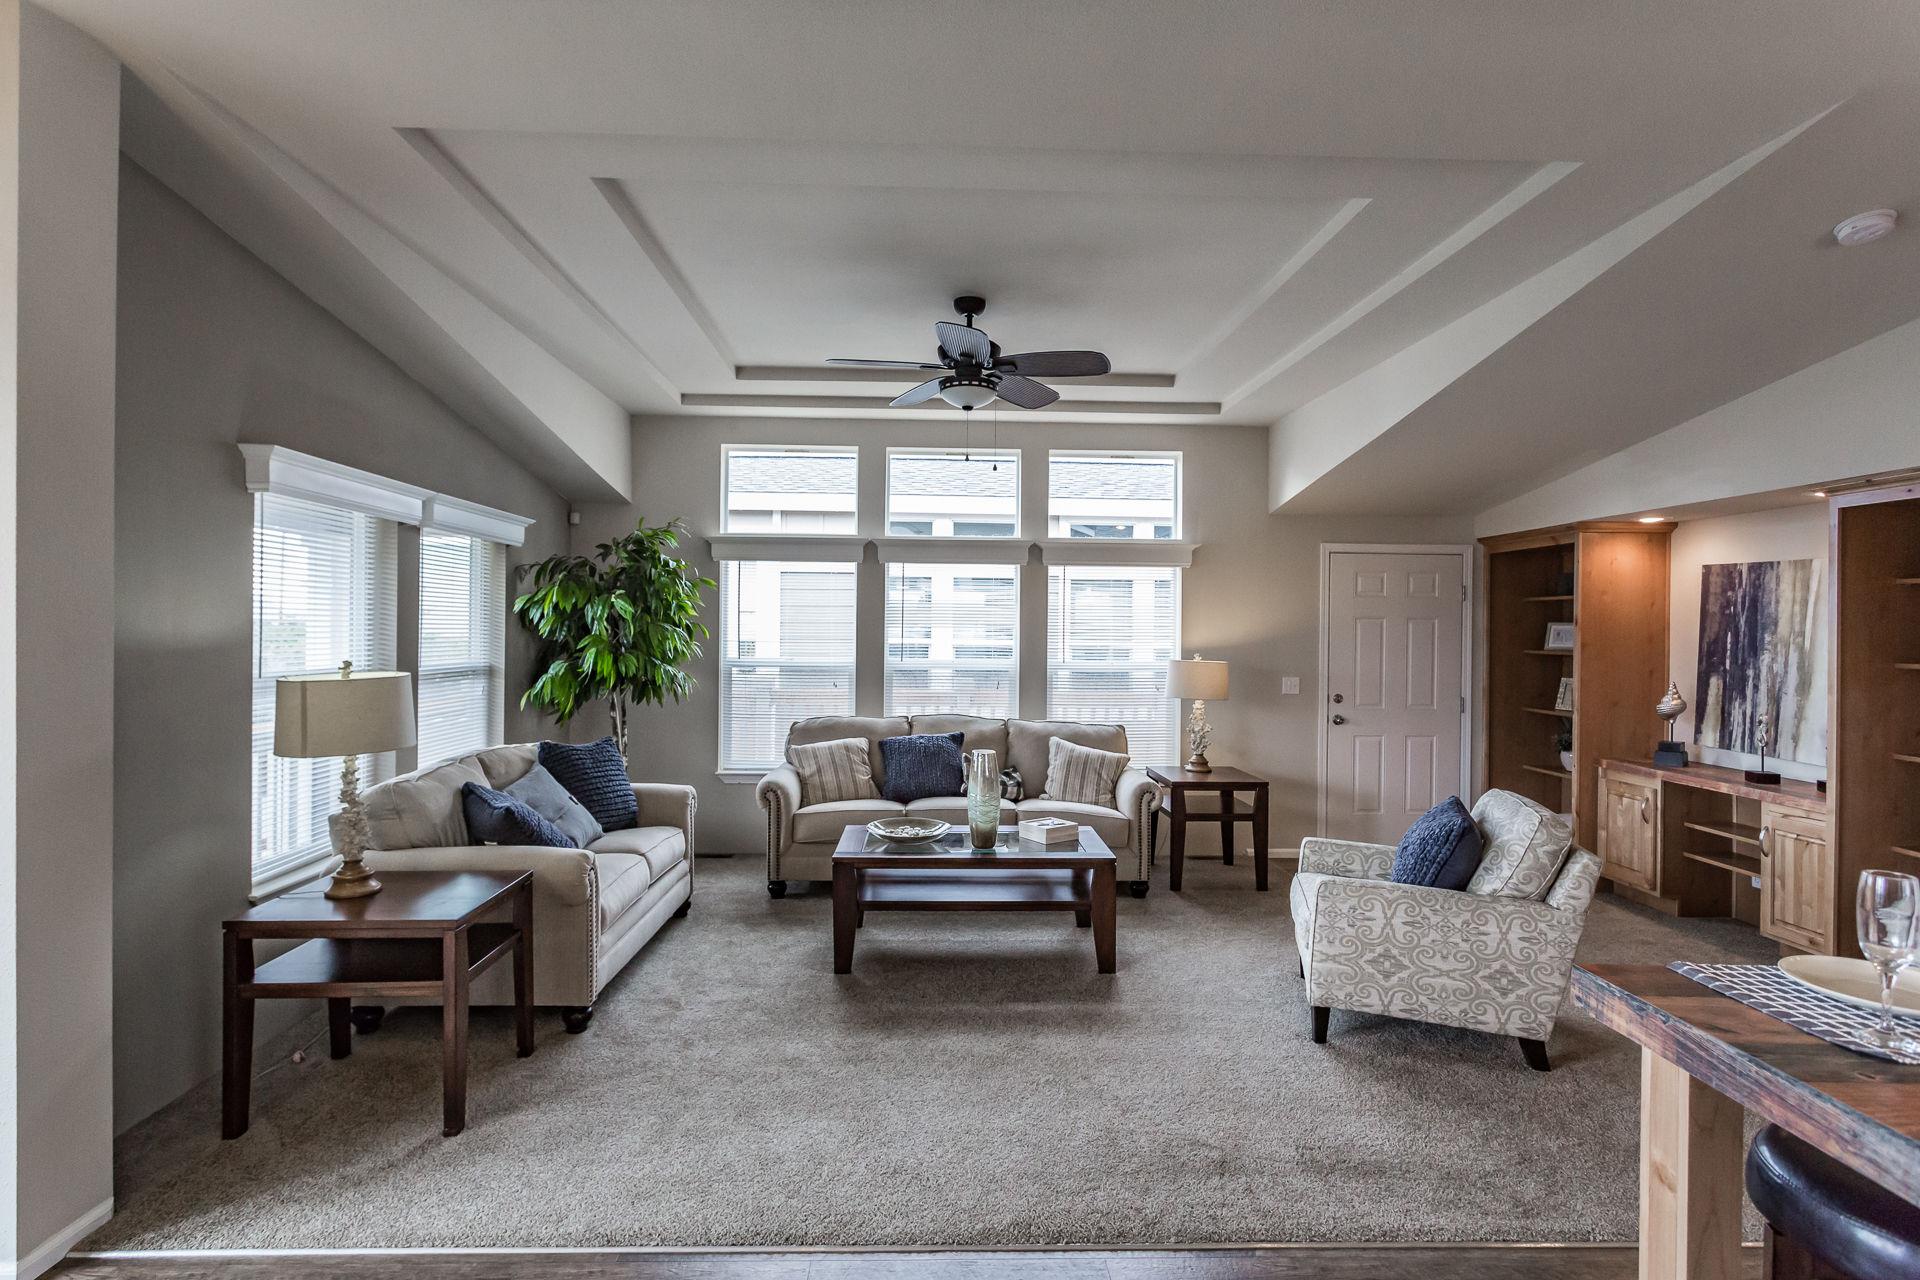 Modular Homes Nebraska >> Sunset Bay Plus 3 bed / 2 bath / 1550 sqft affordable home for $81900 | Model 3104G28563B from ...